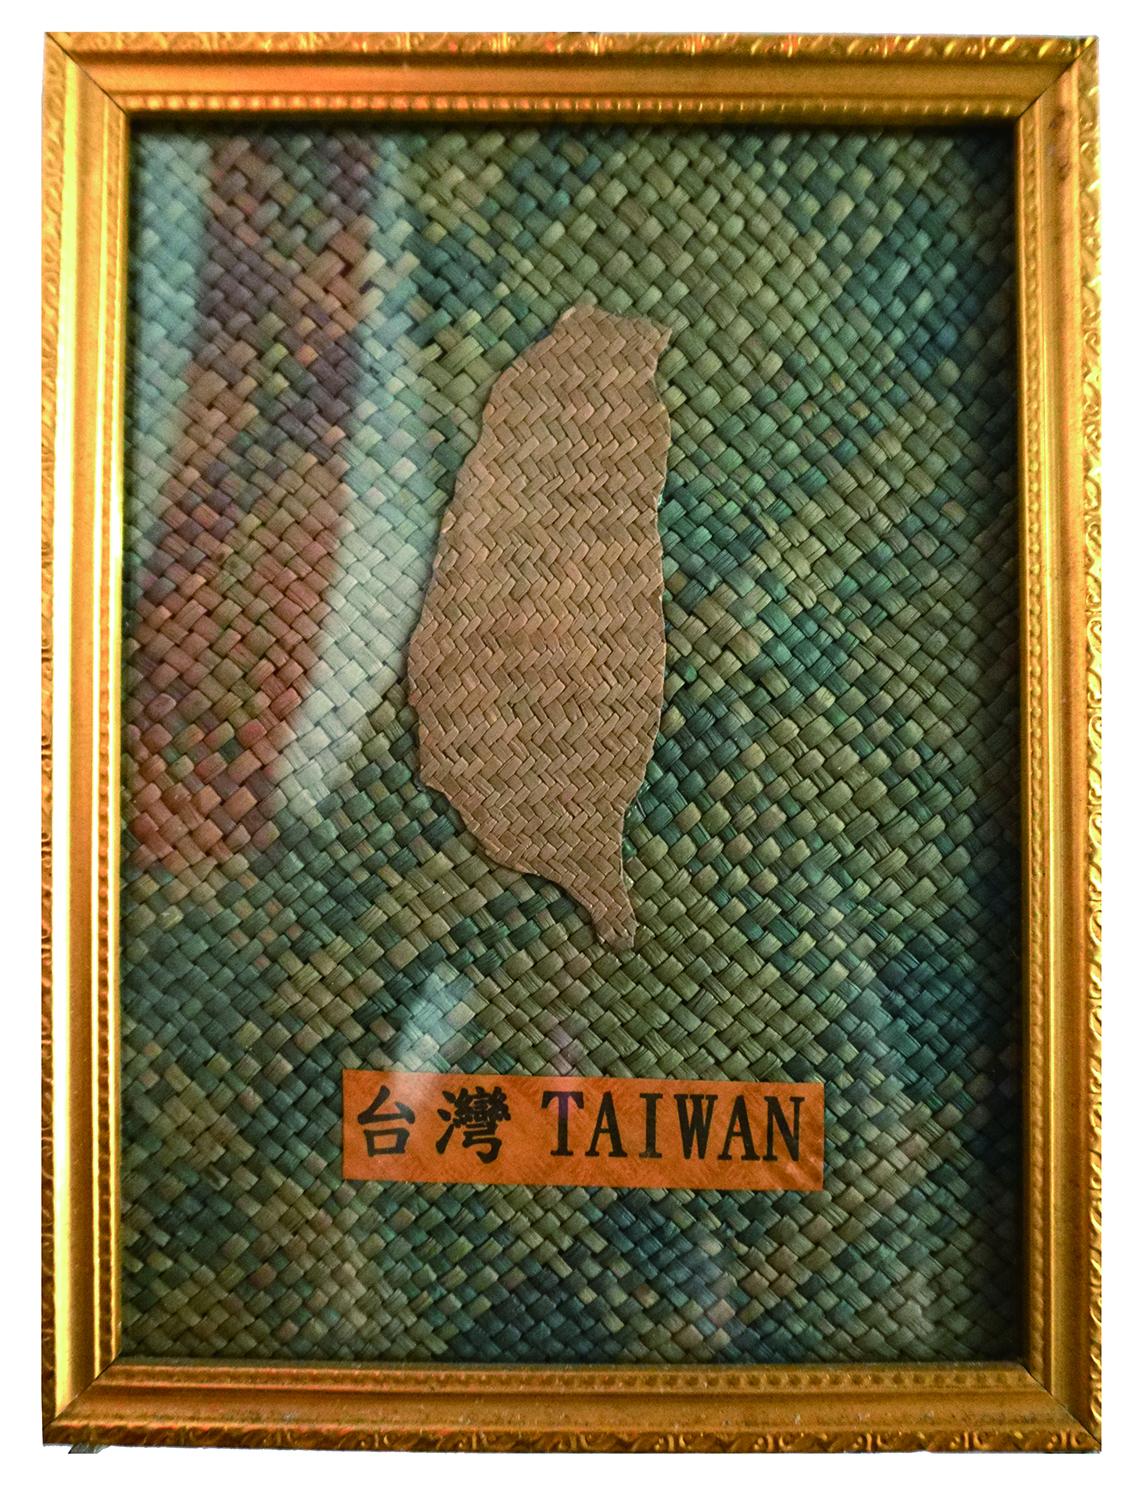 圖2用藺草編織的「臺灣」就安放在店內,雖然有了些許陳舊氣息,卻記錄了過去發展的足跡。.jpg